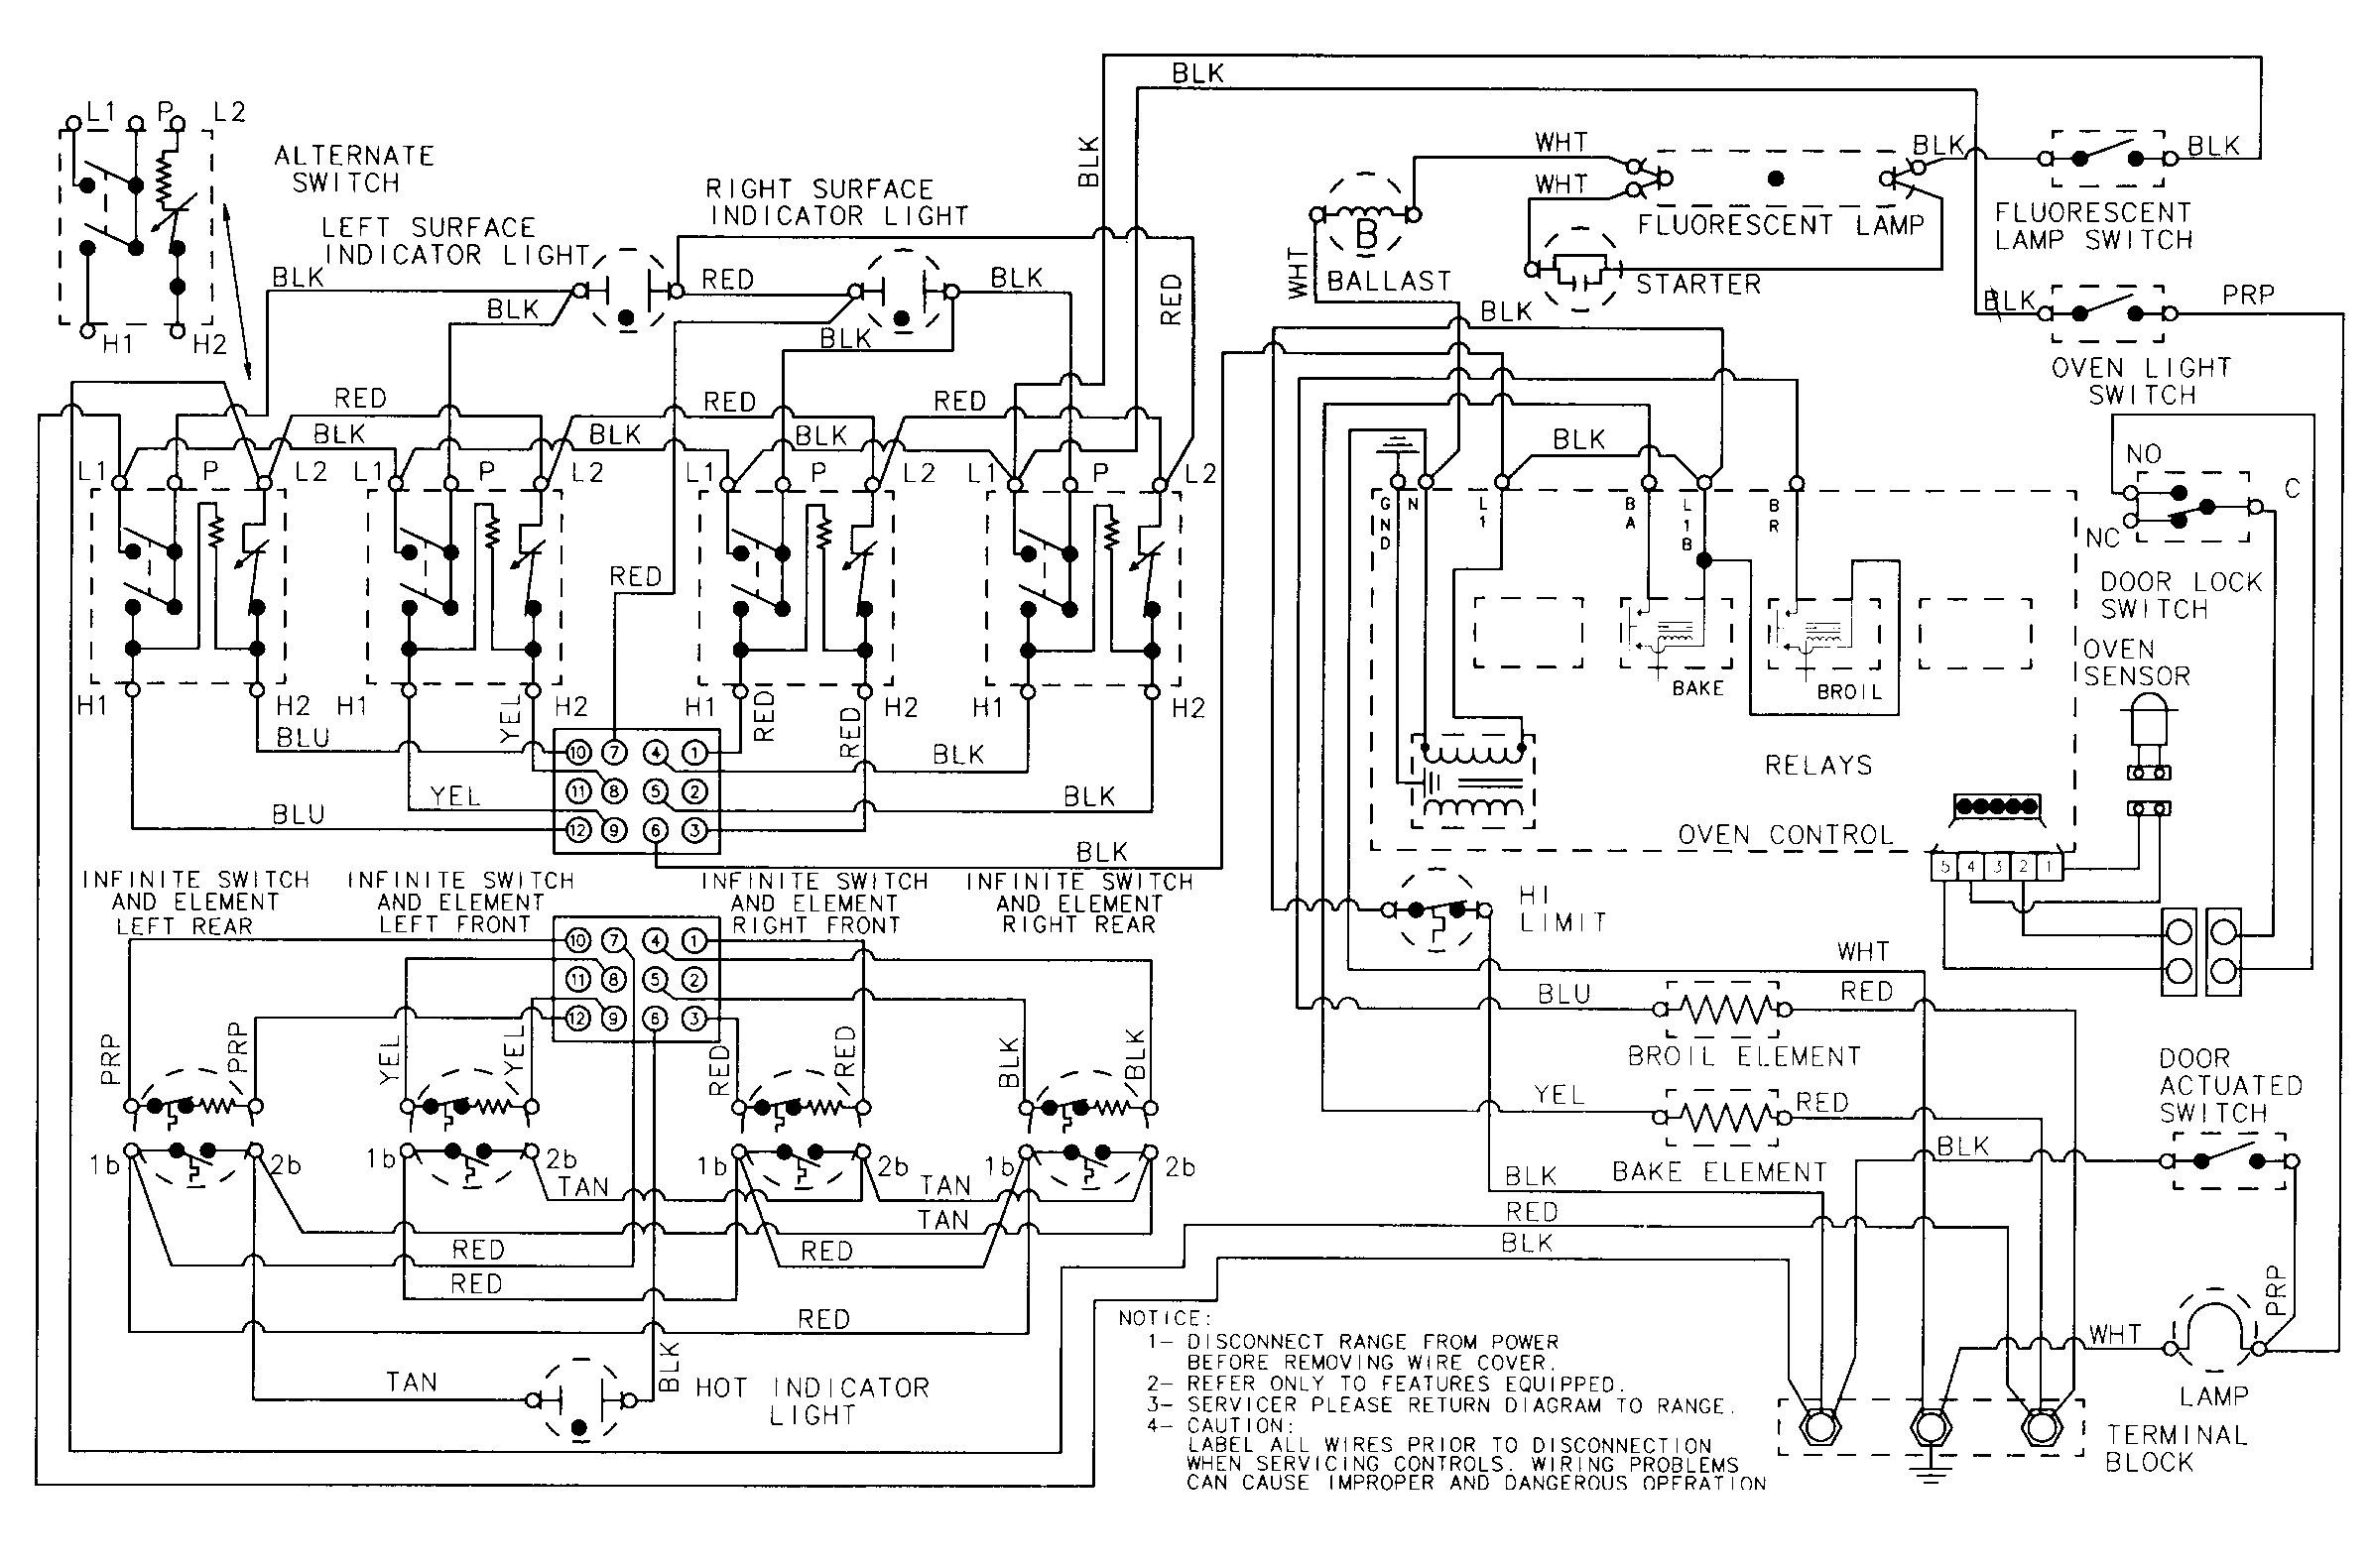 whirlpool dishwasher wiring diagram Download-Dishwasher Wiring Diagram Best Dishwasher Parts Diagram Beautiful Whirlpool Dishwasher Kudc25chss1 4-n